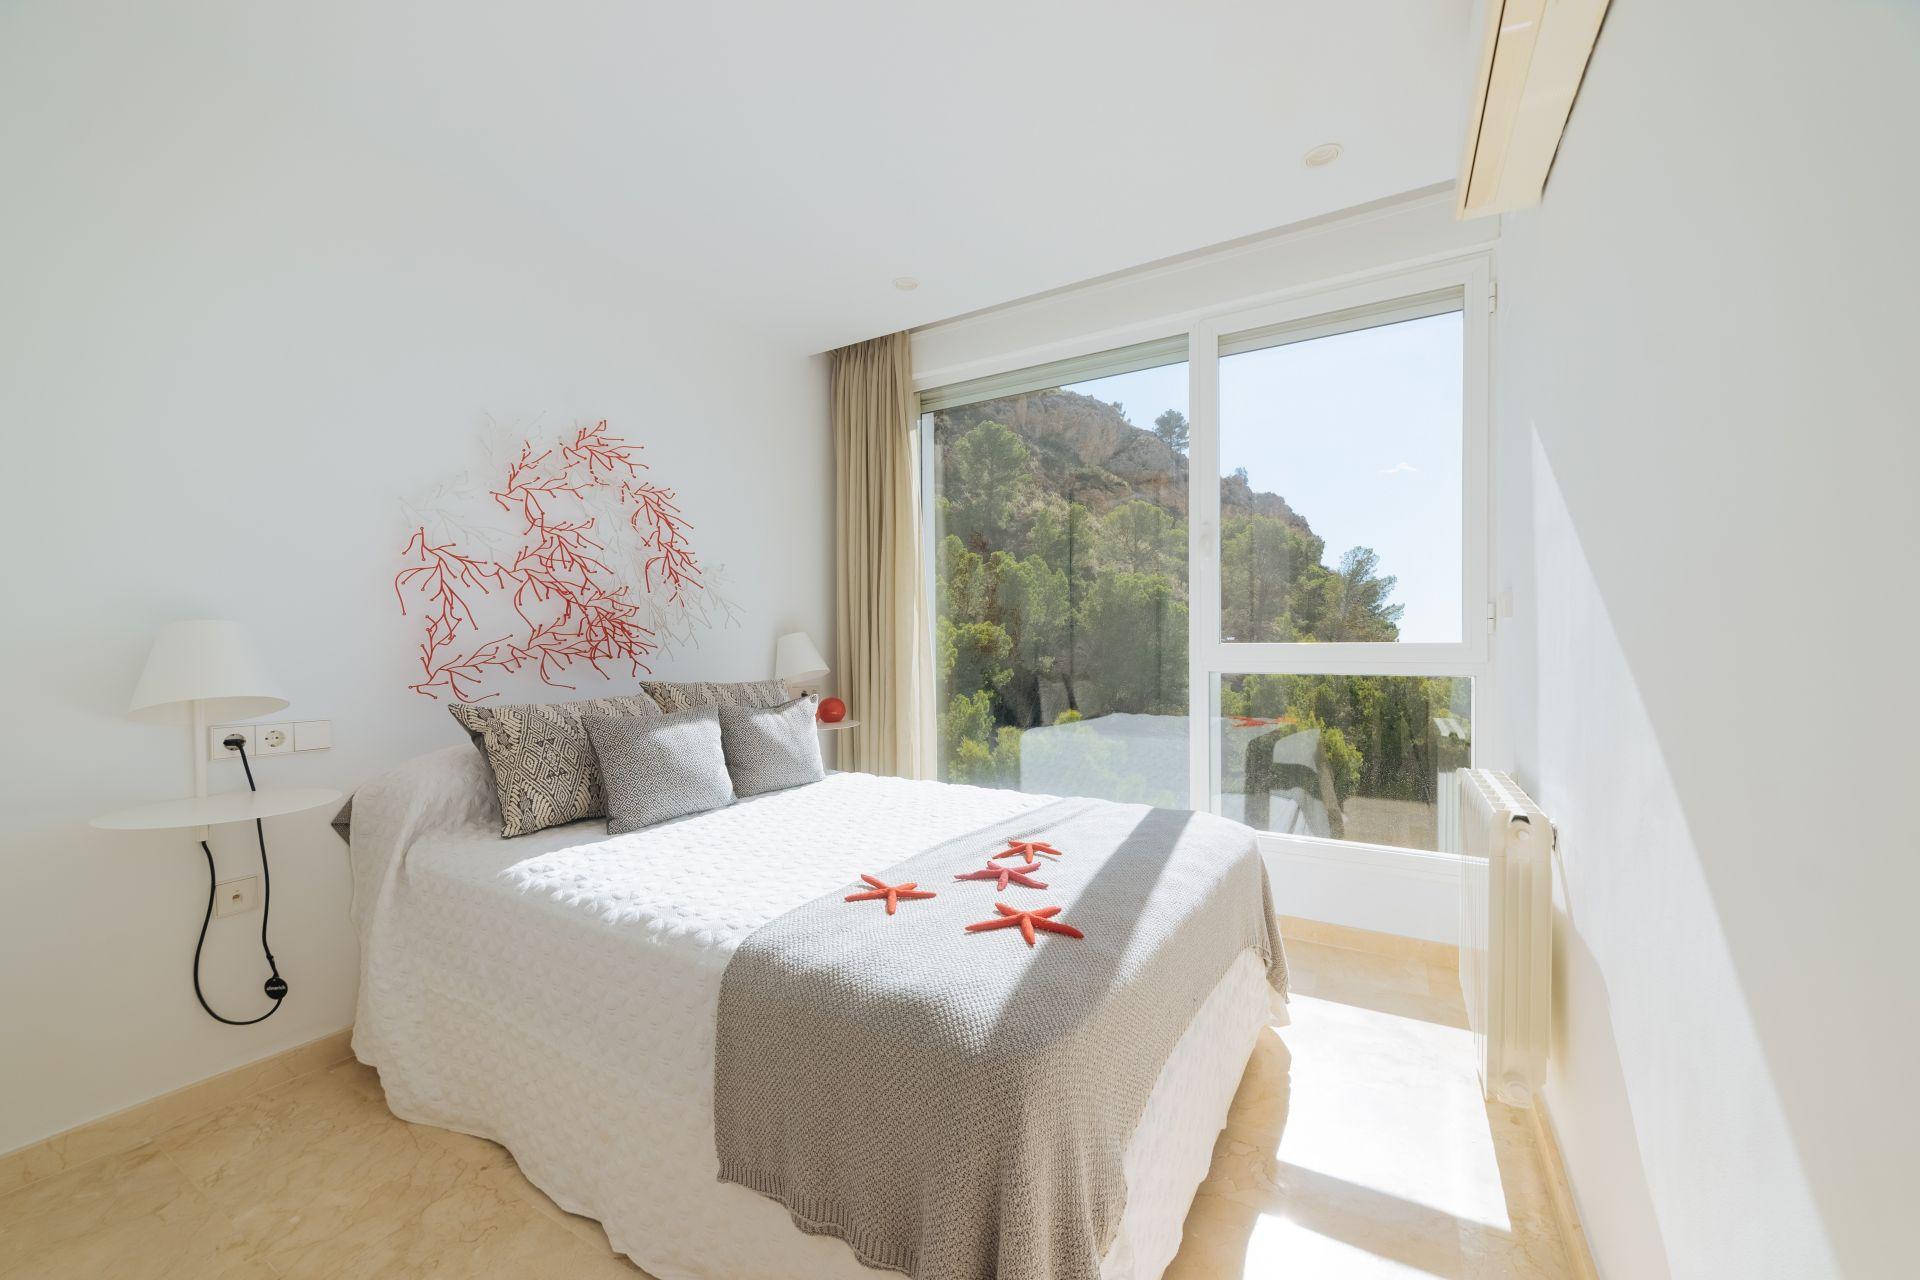 Villas with incredible views to the Mediterranean Sea in Altea 27